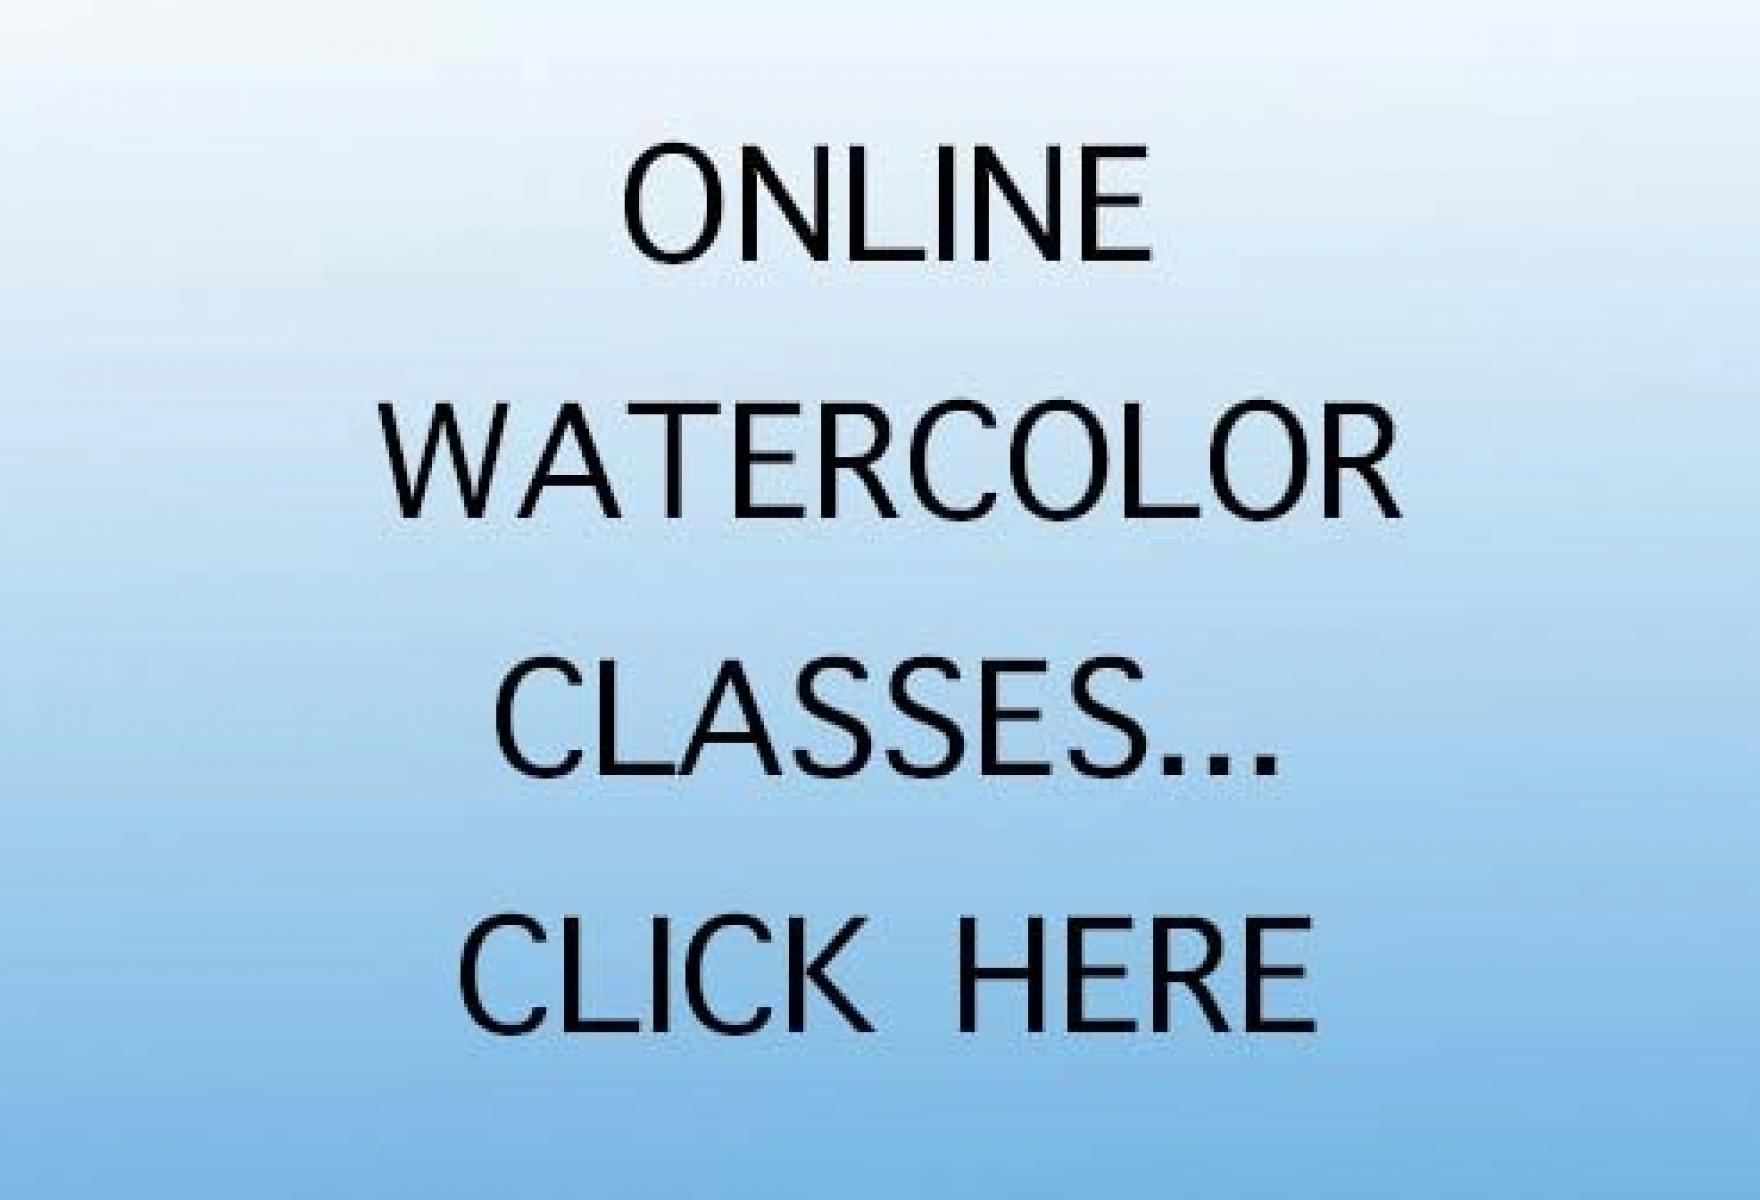 Woody Hansen Online Watercolor Classes Promo